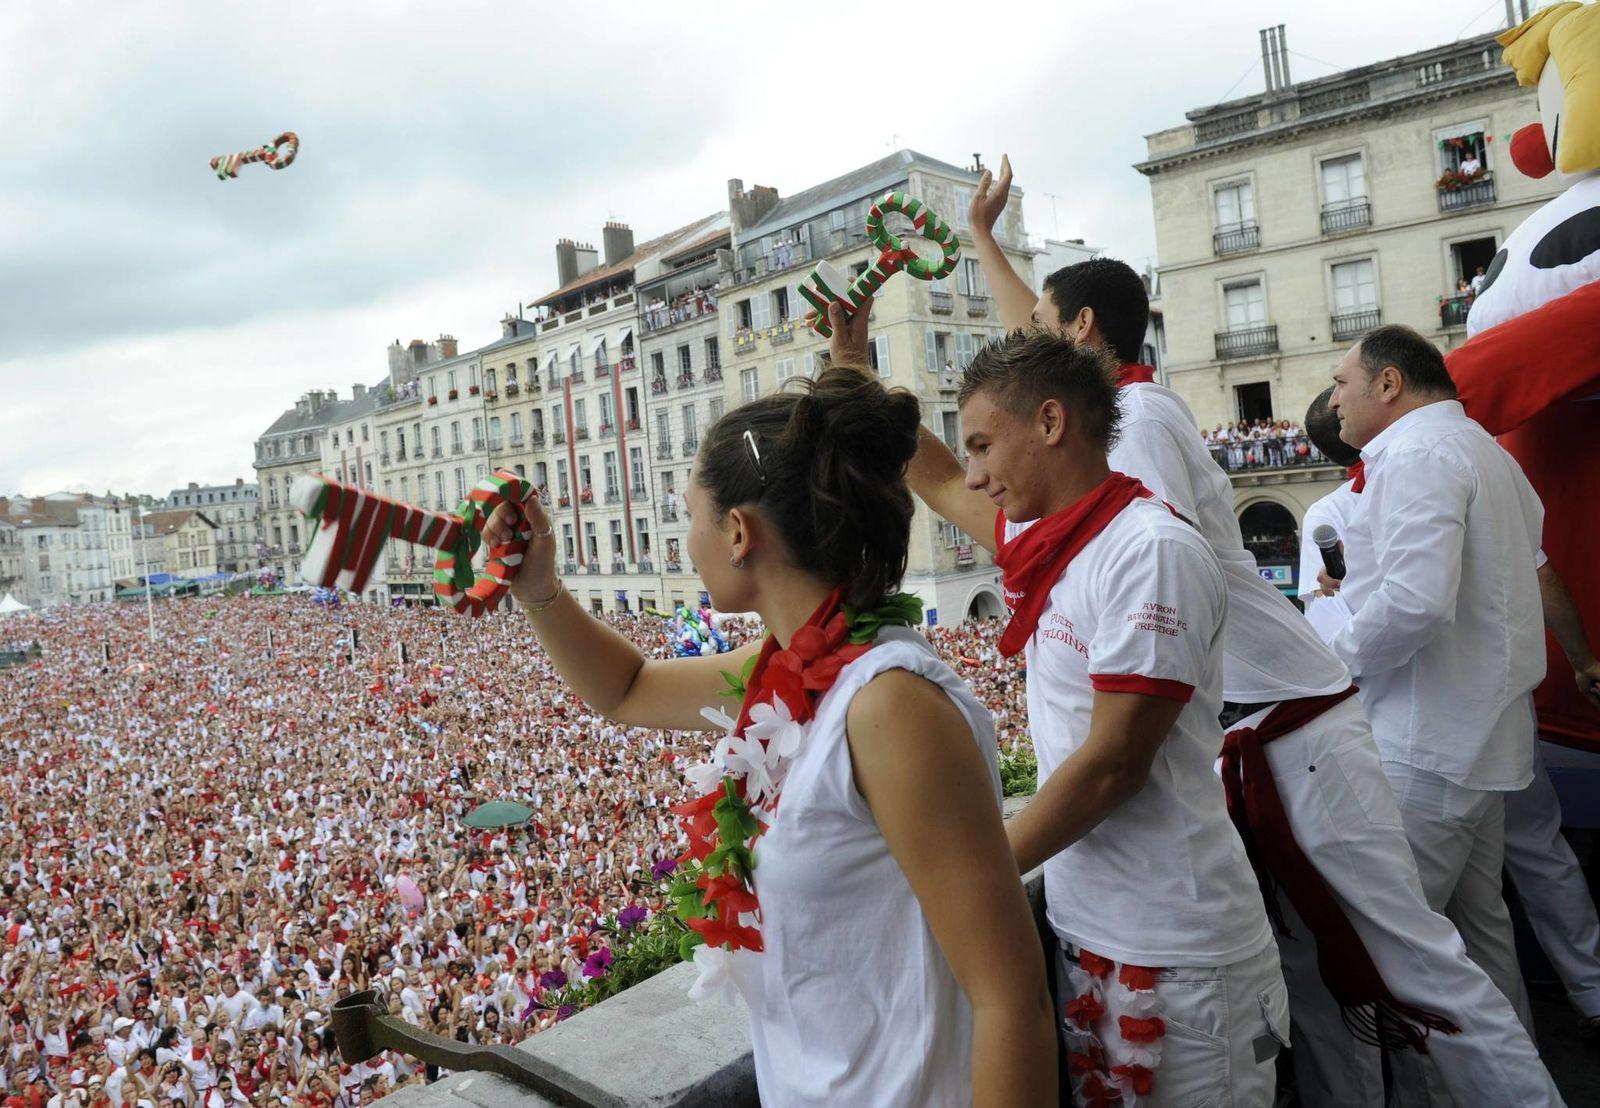 sources : rtl.fr, fetes.bayonne.fr